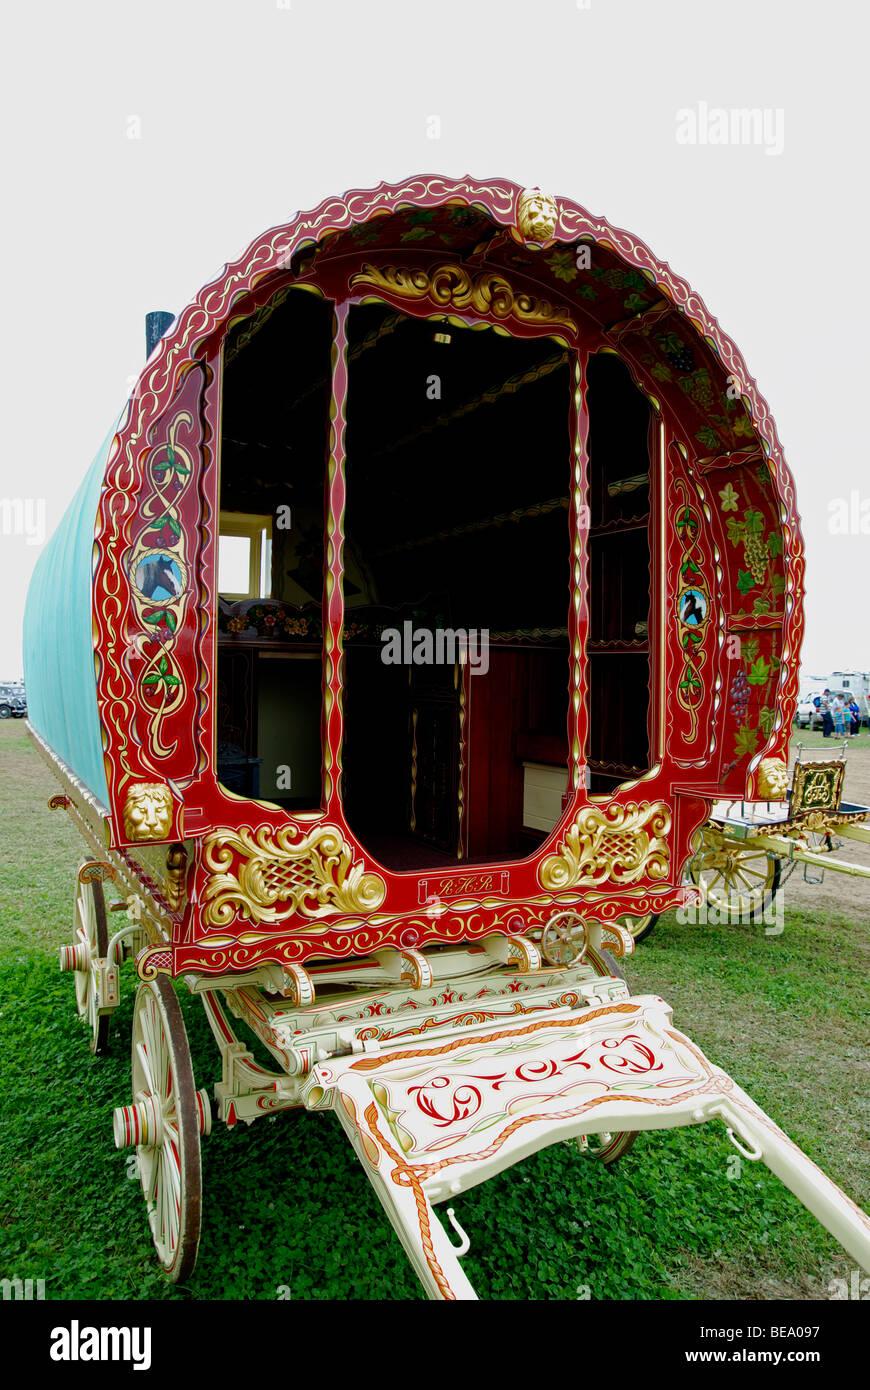 Gypsy Caravan Stock Photos Amp Gypsy Caravan Stock Images